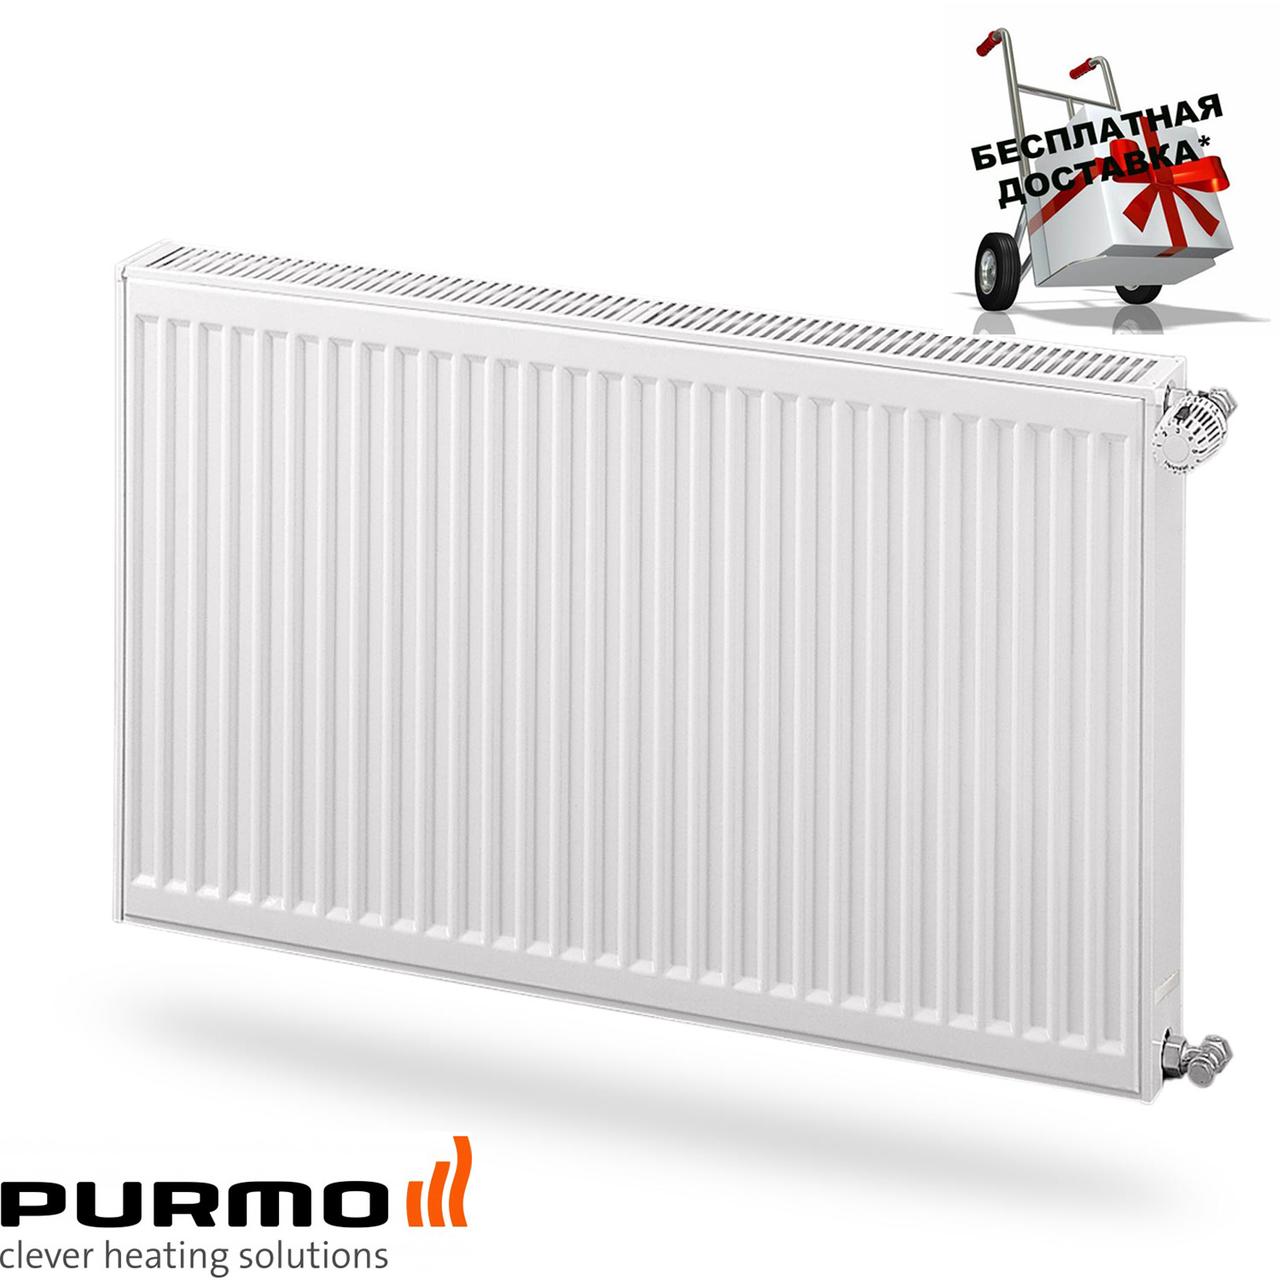 Стальной (панельный) радиатор PURMO Compact т22 600x1200 боковое подключение